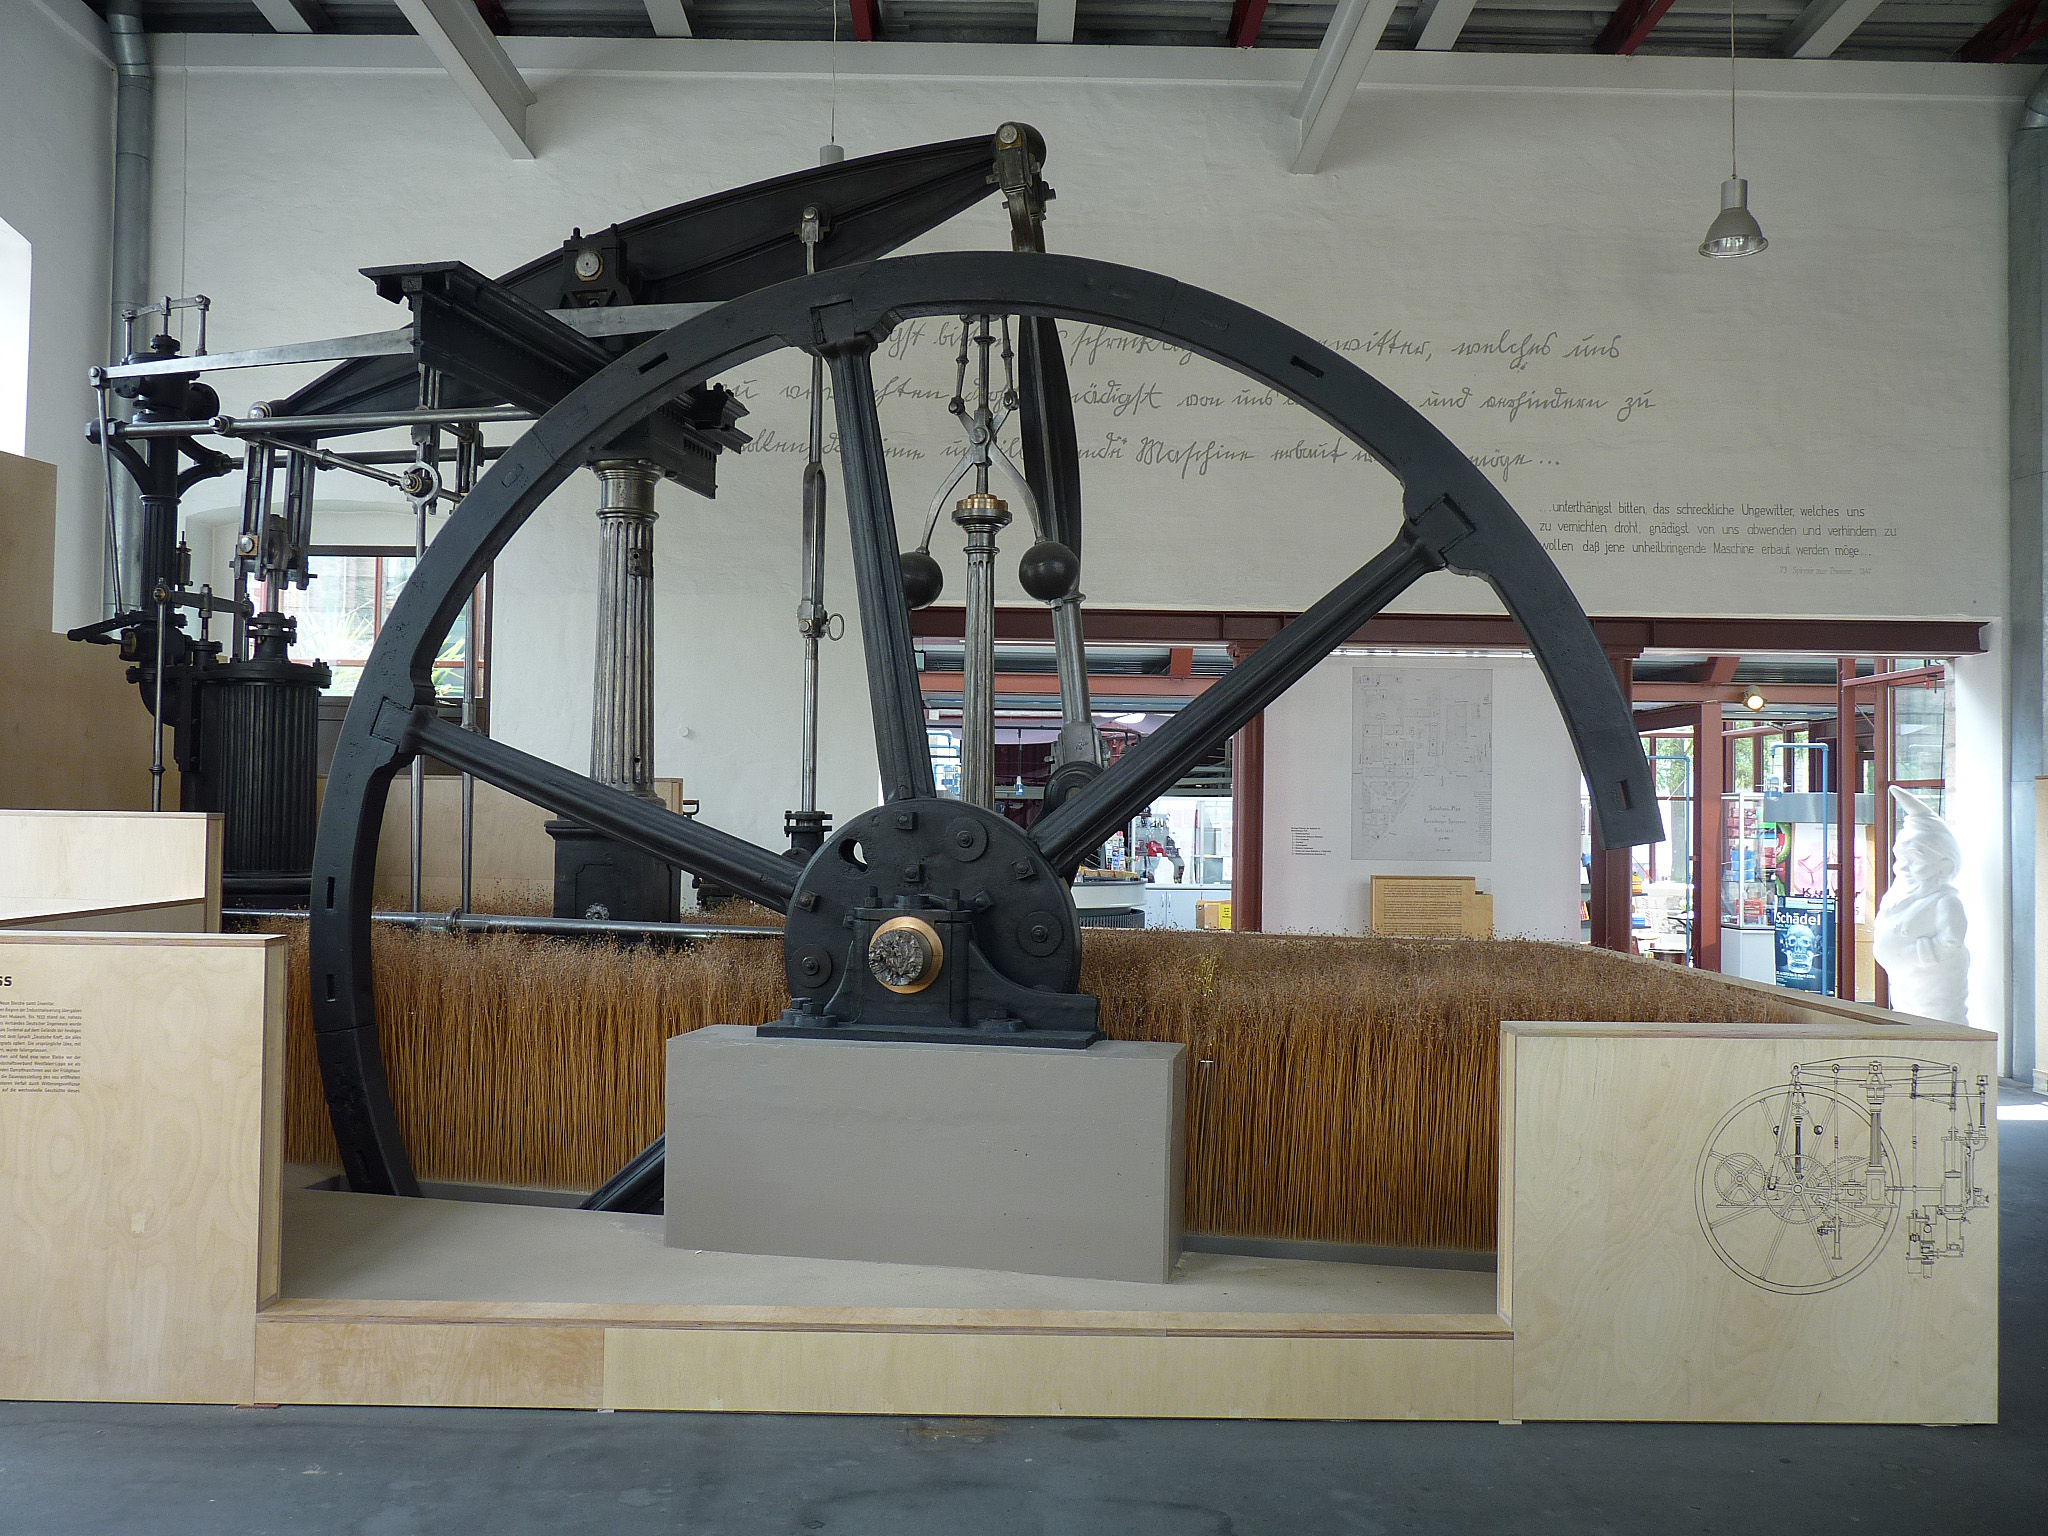 Len Bielefeld dauerausstellung historisches museum bielefeld